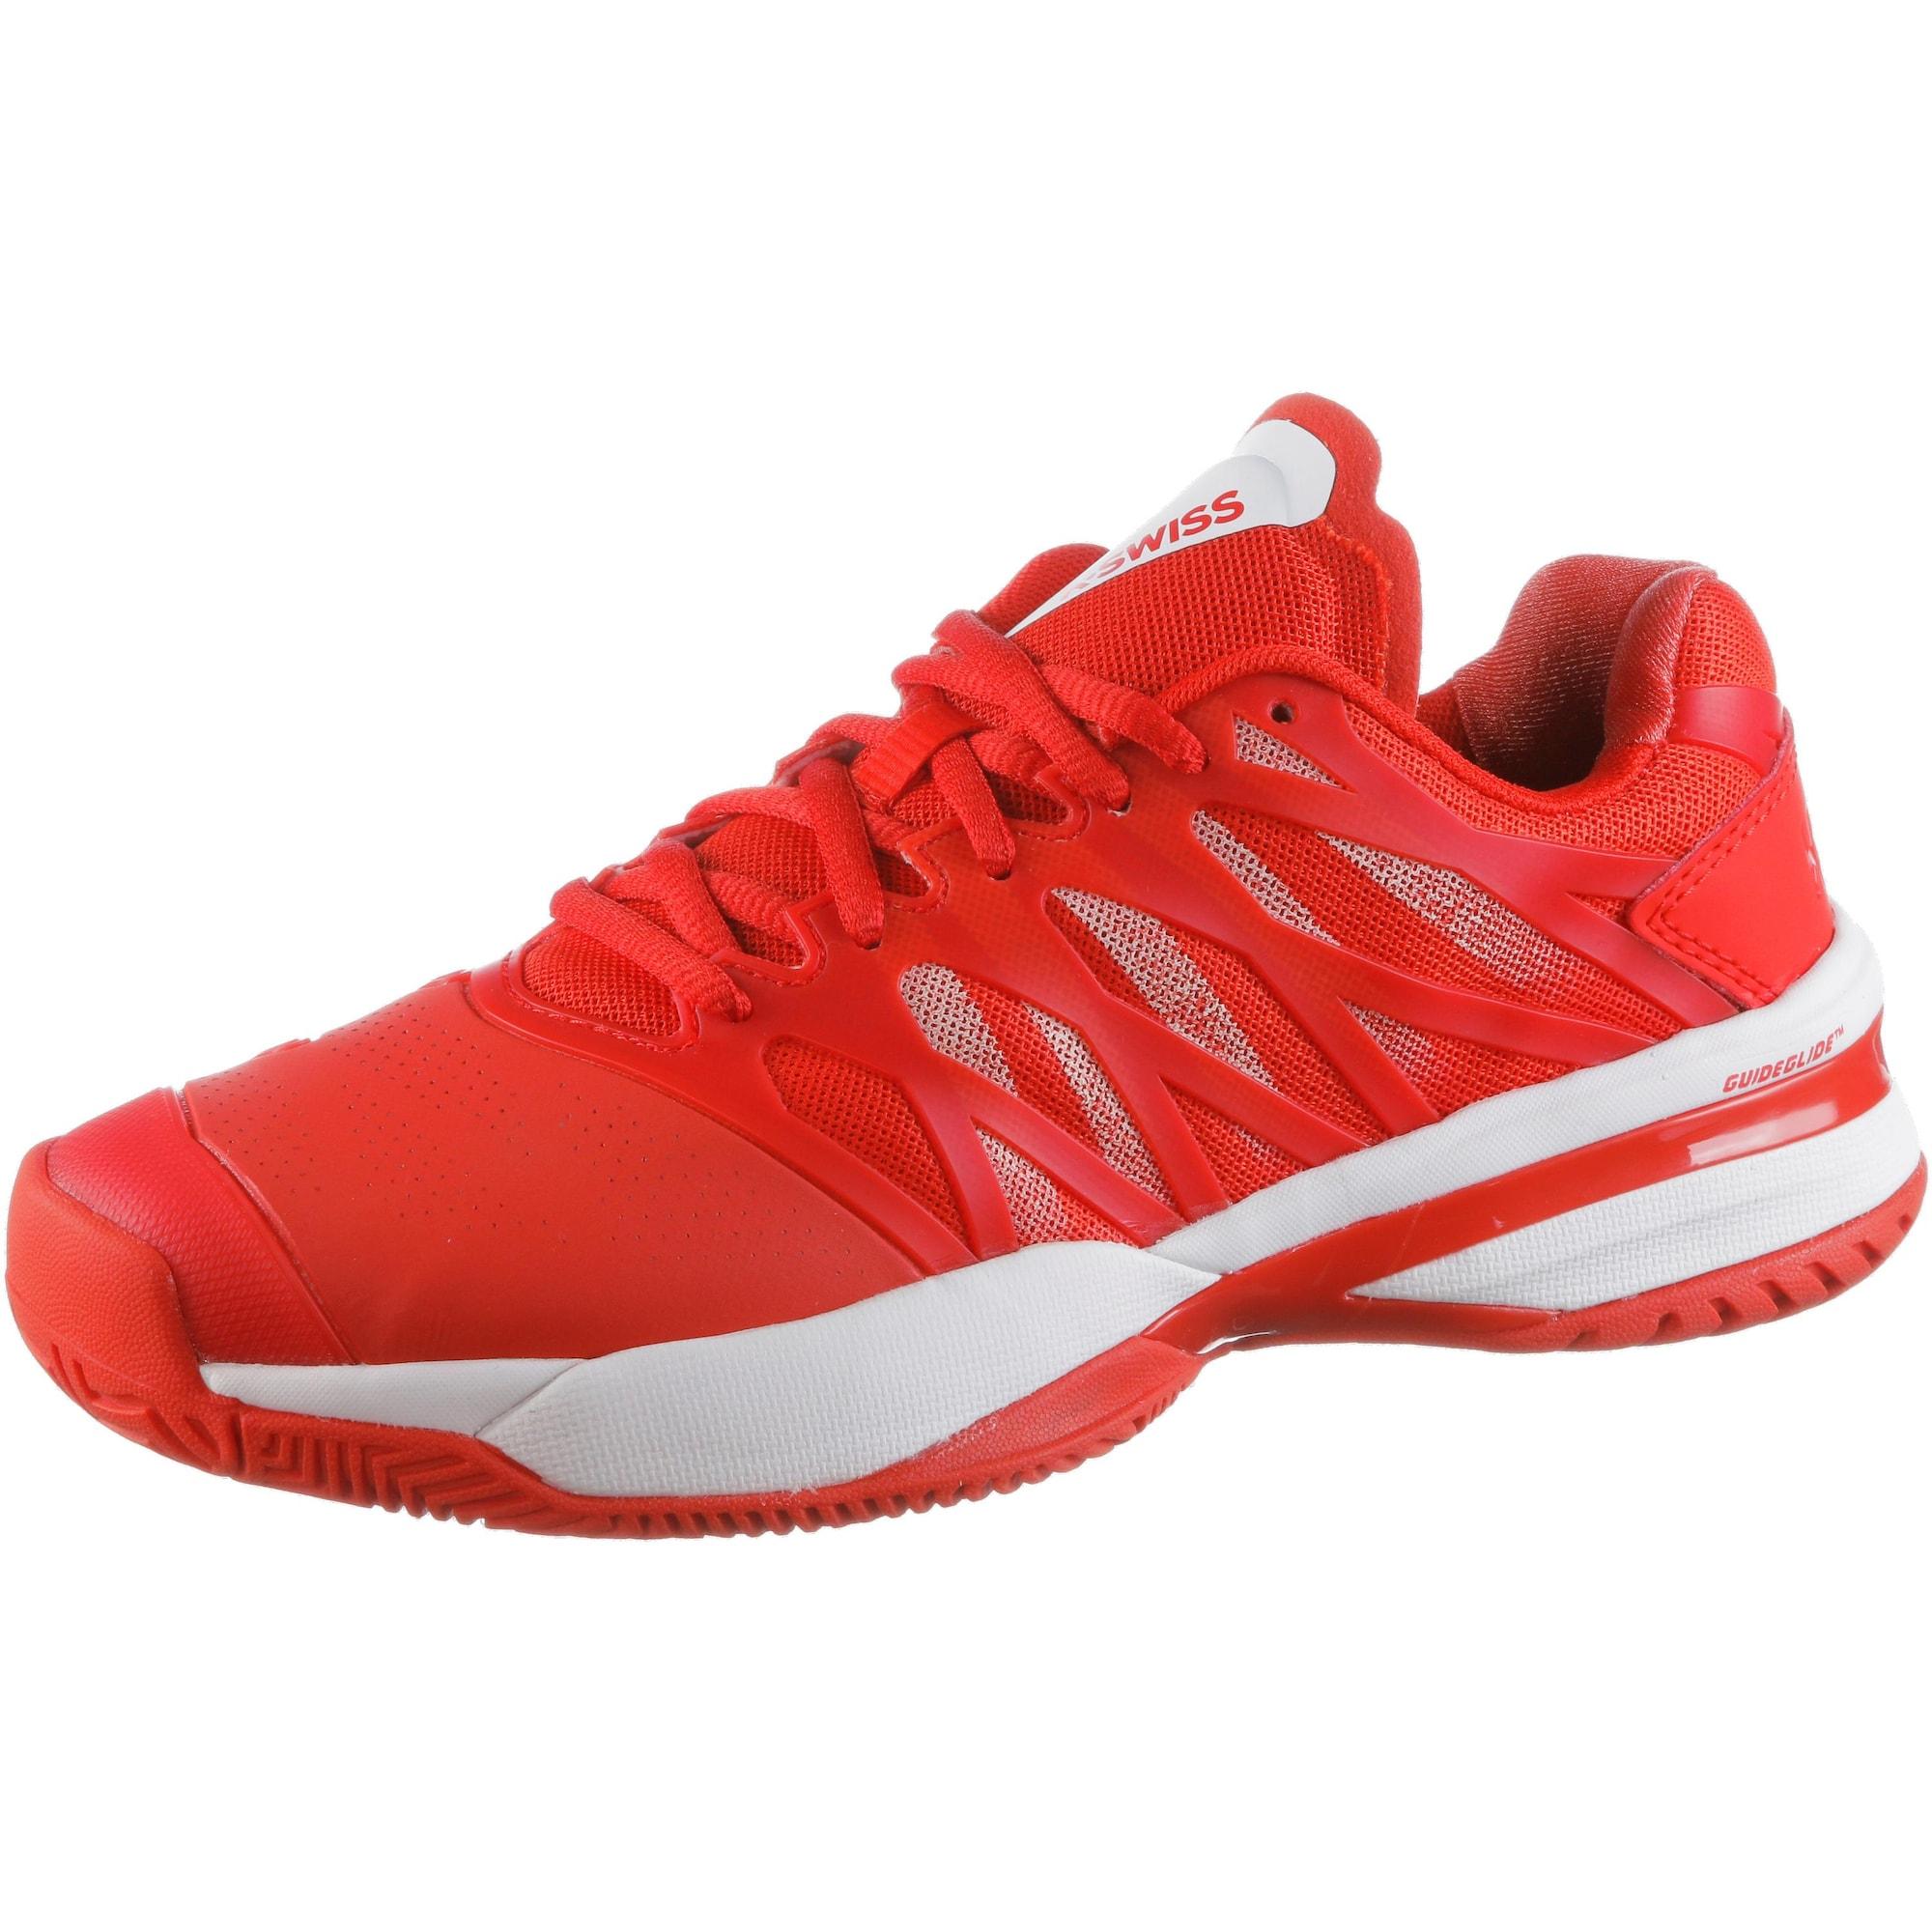 Tennisschuhe 'Ultrashot' | Schuhe > Sportschuhe > Tennisschuhe | K-SWISS